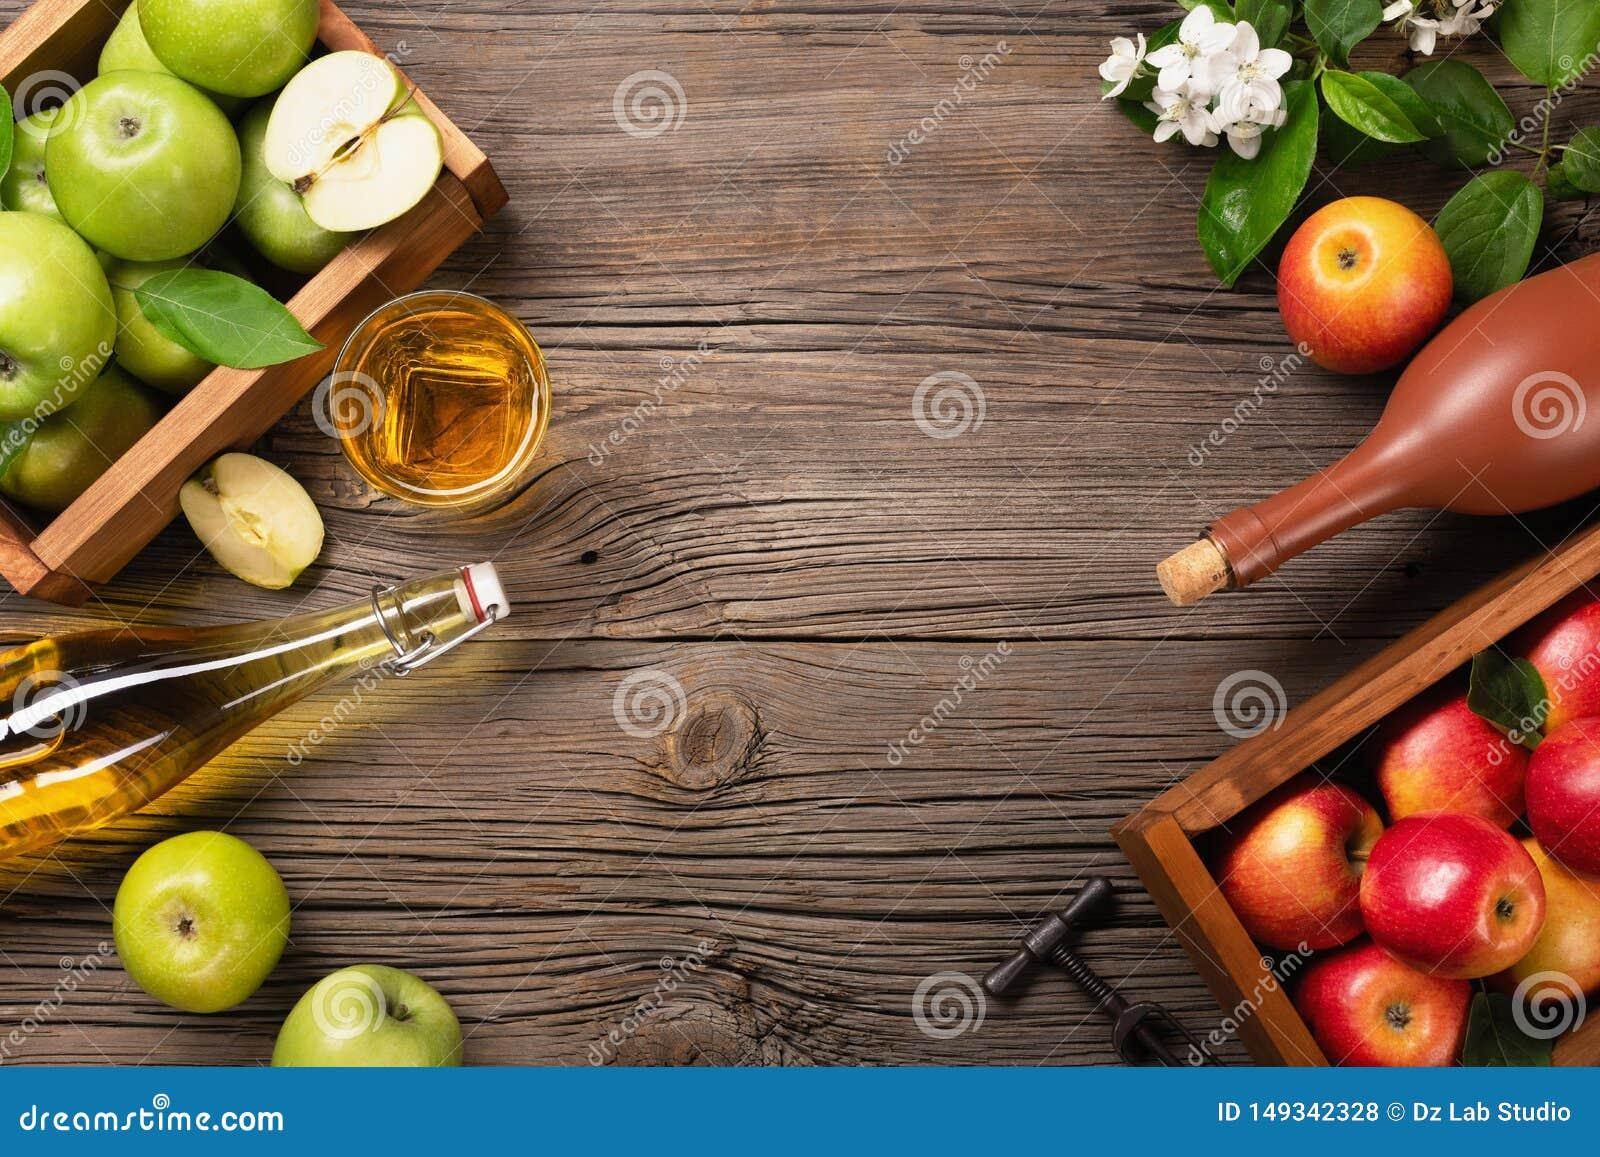 Rijpe groene en rode appelen in houten vakje met tak van witte bloemen, glas en fles cider op een houten lijst